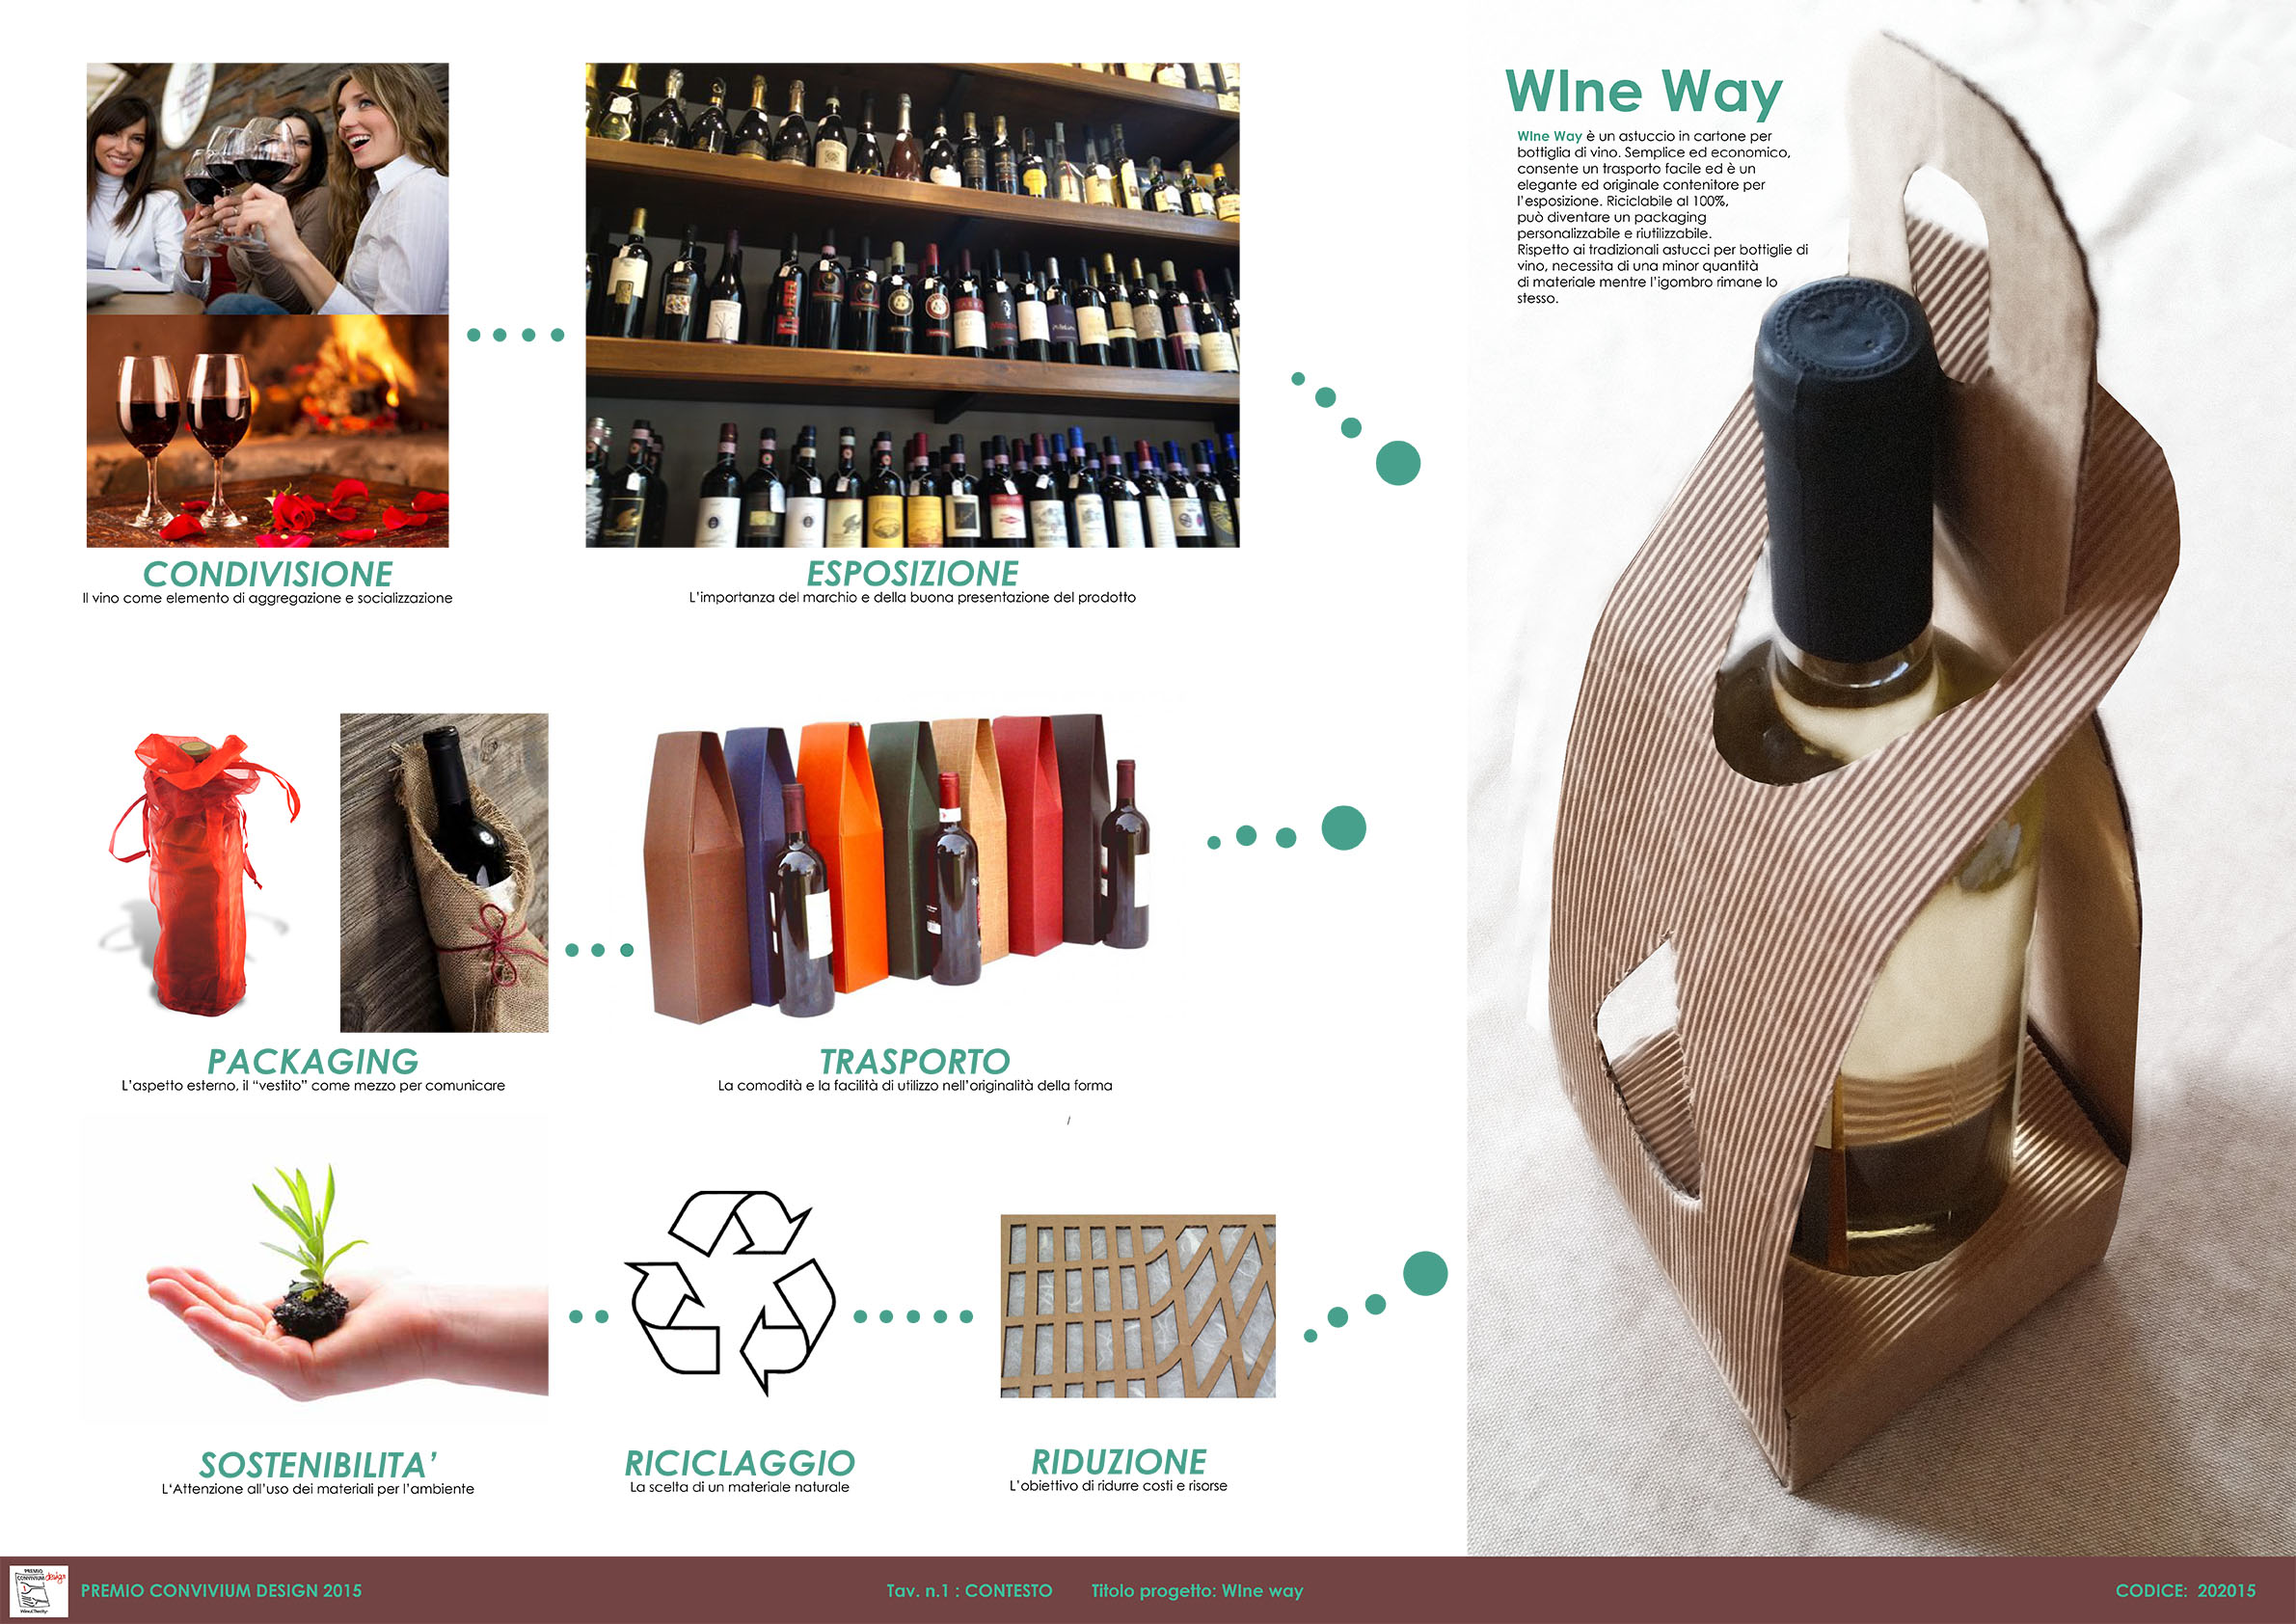 Concorsi convivium design 2015 wine town 2011 inartdesign - Accessori vino design ...